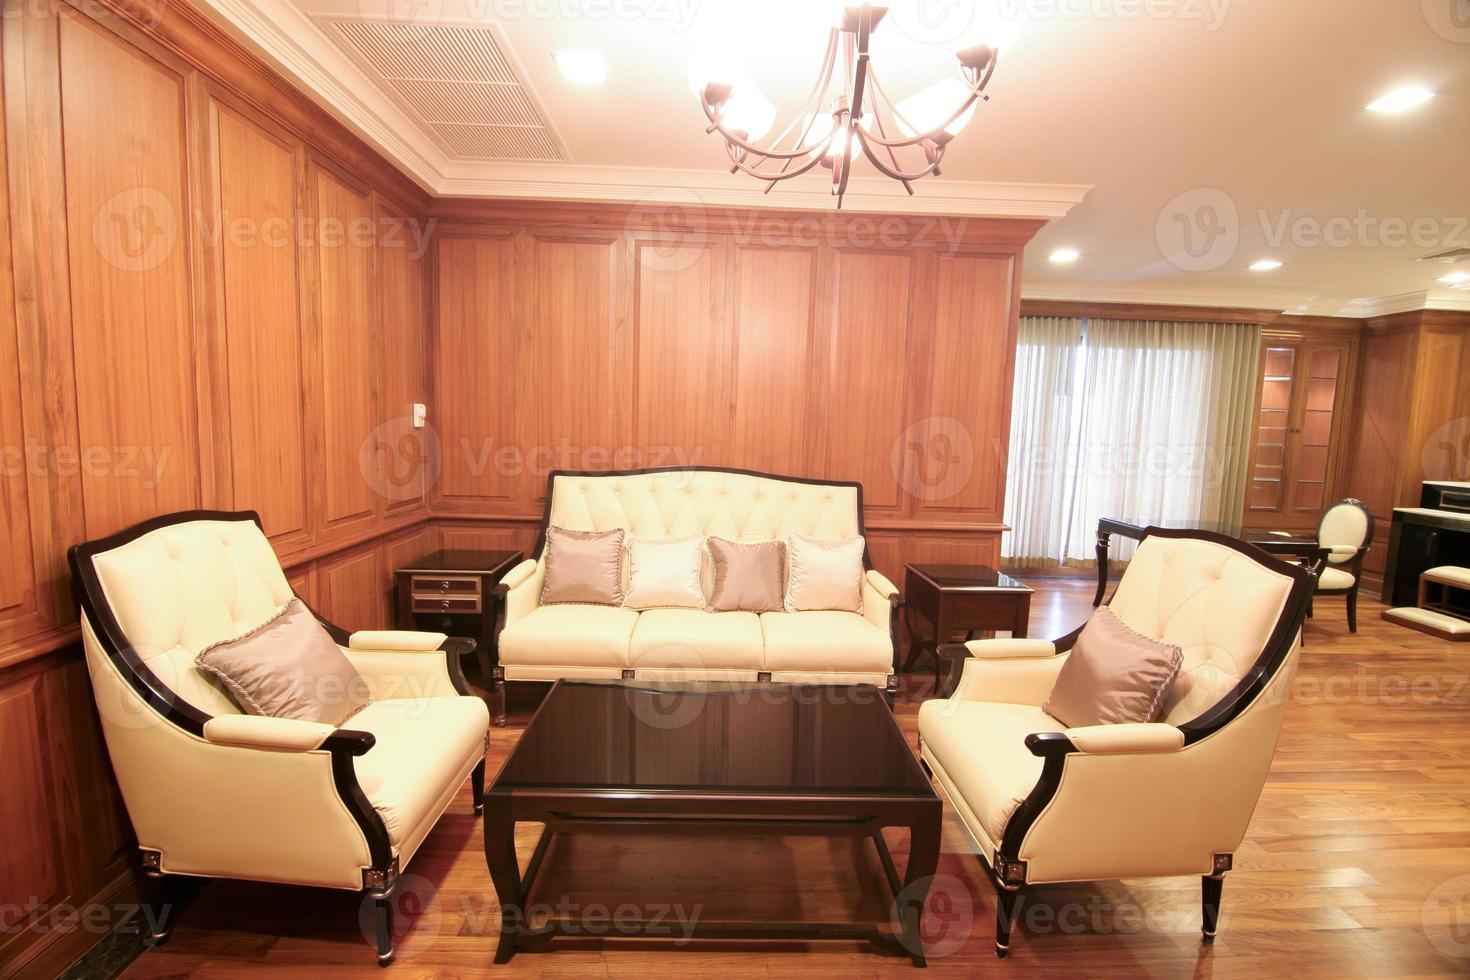 vardagsrum med en lyxig foto